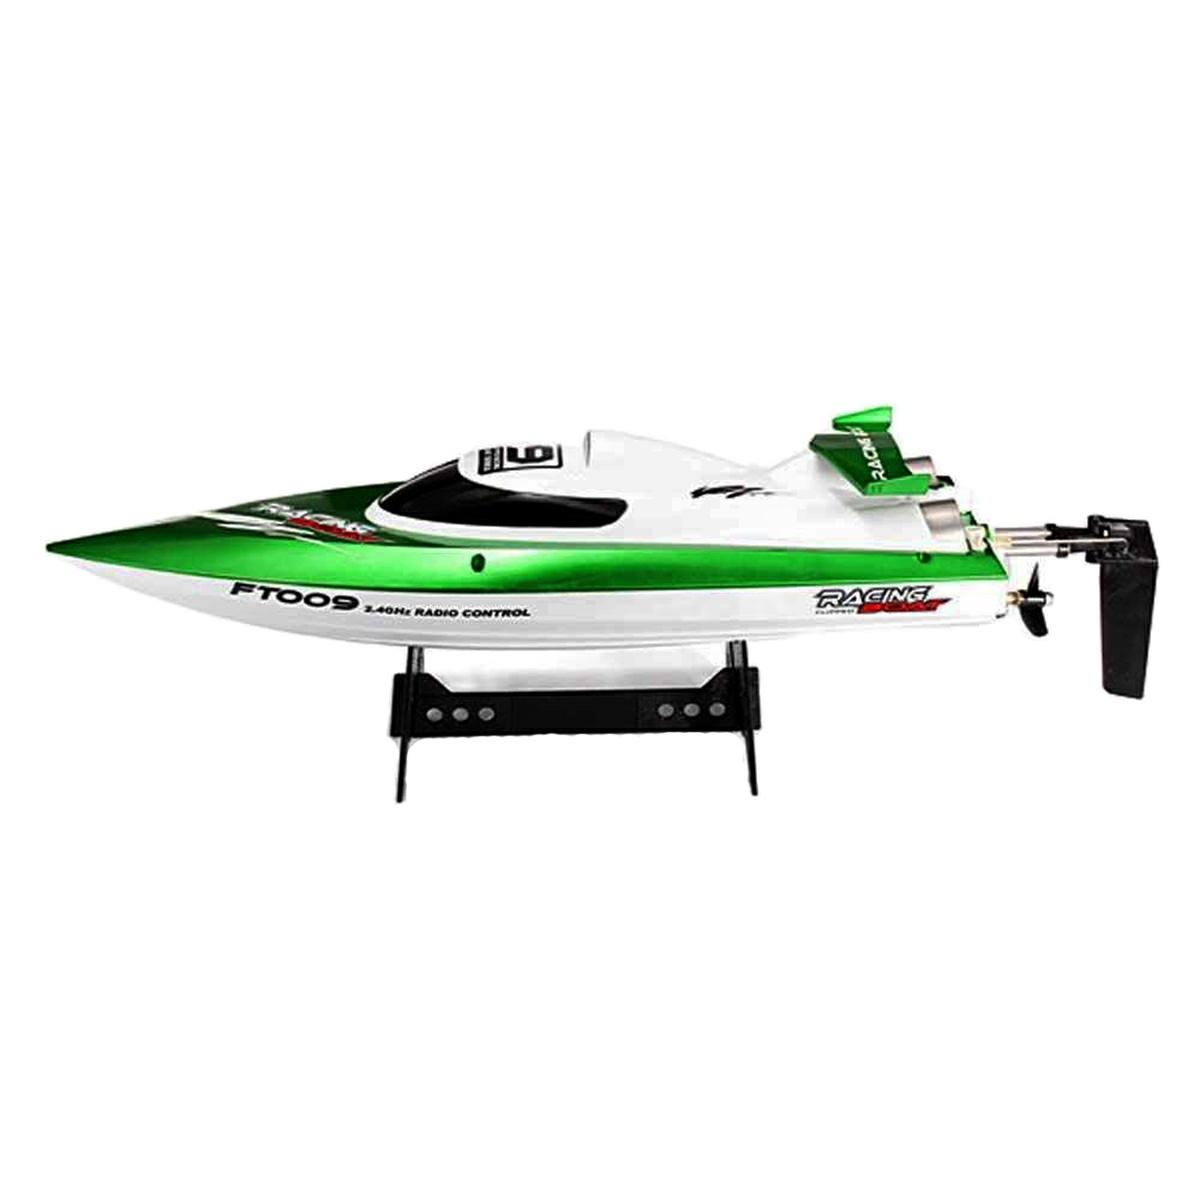 قایق بازی کنترلی کد FT009